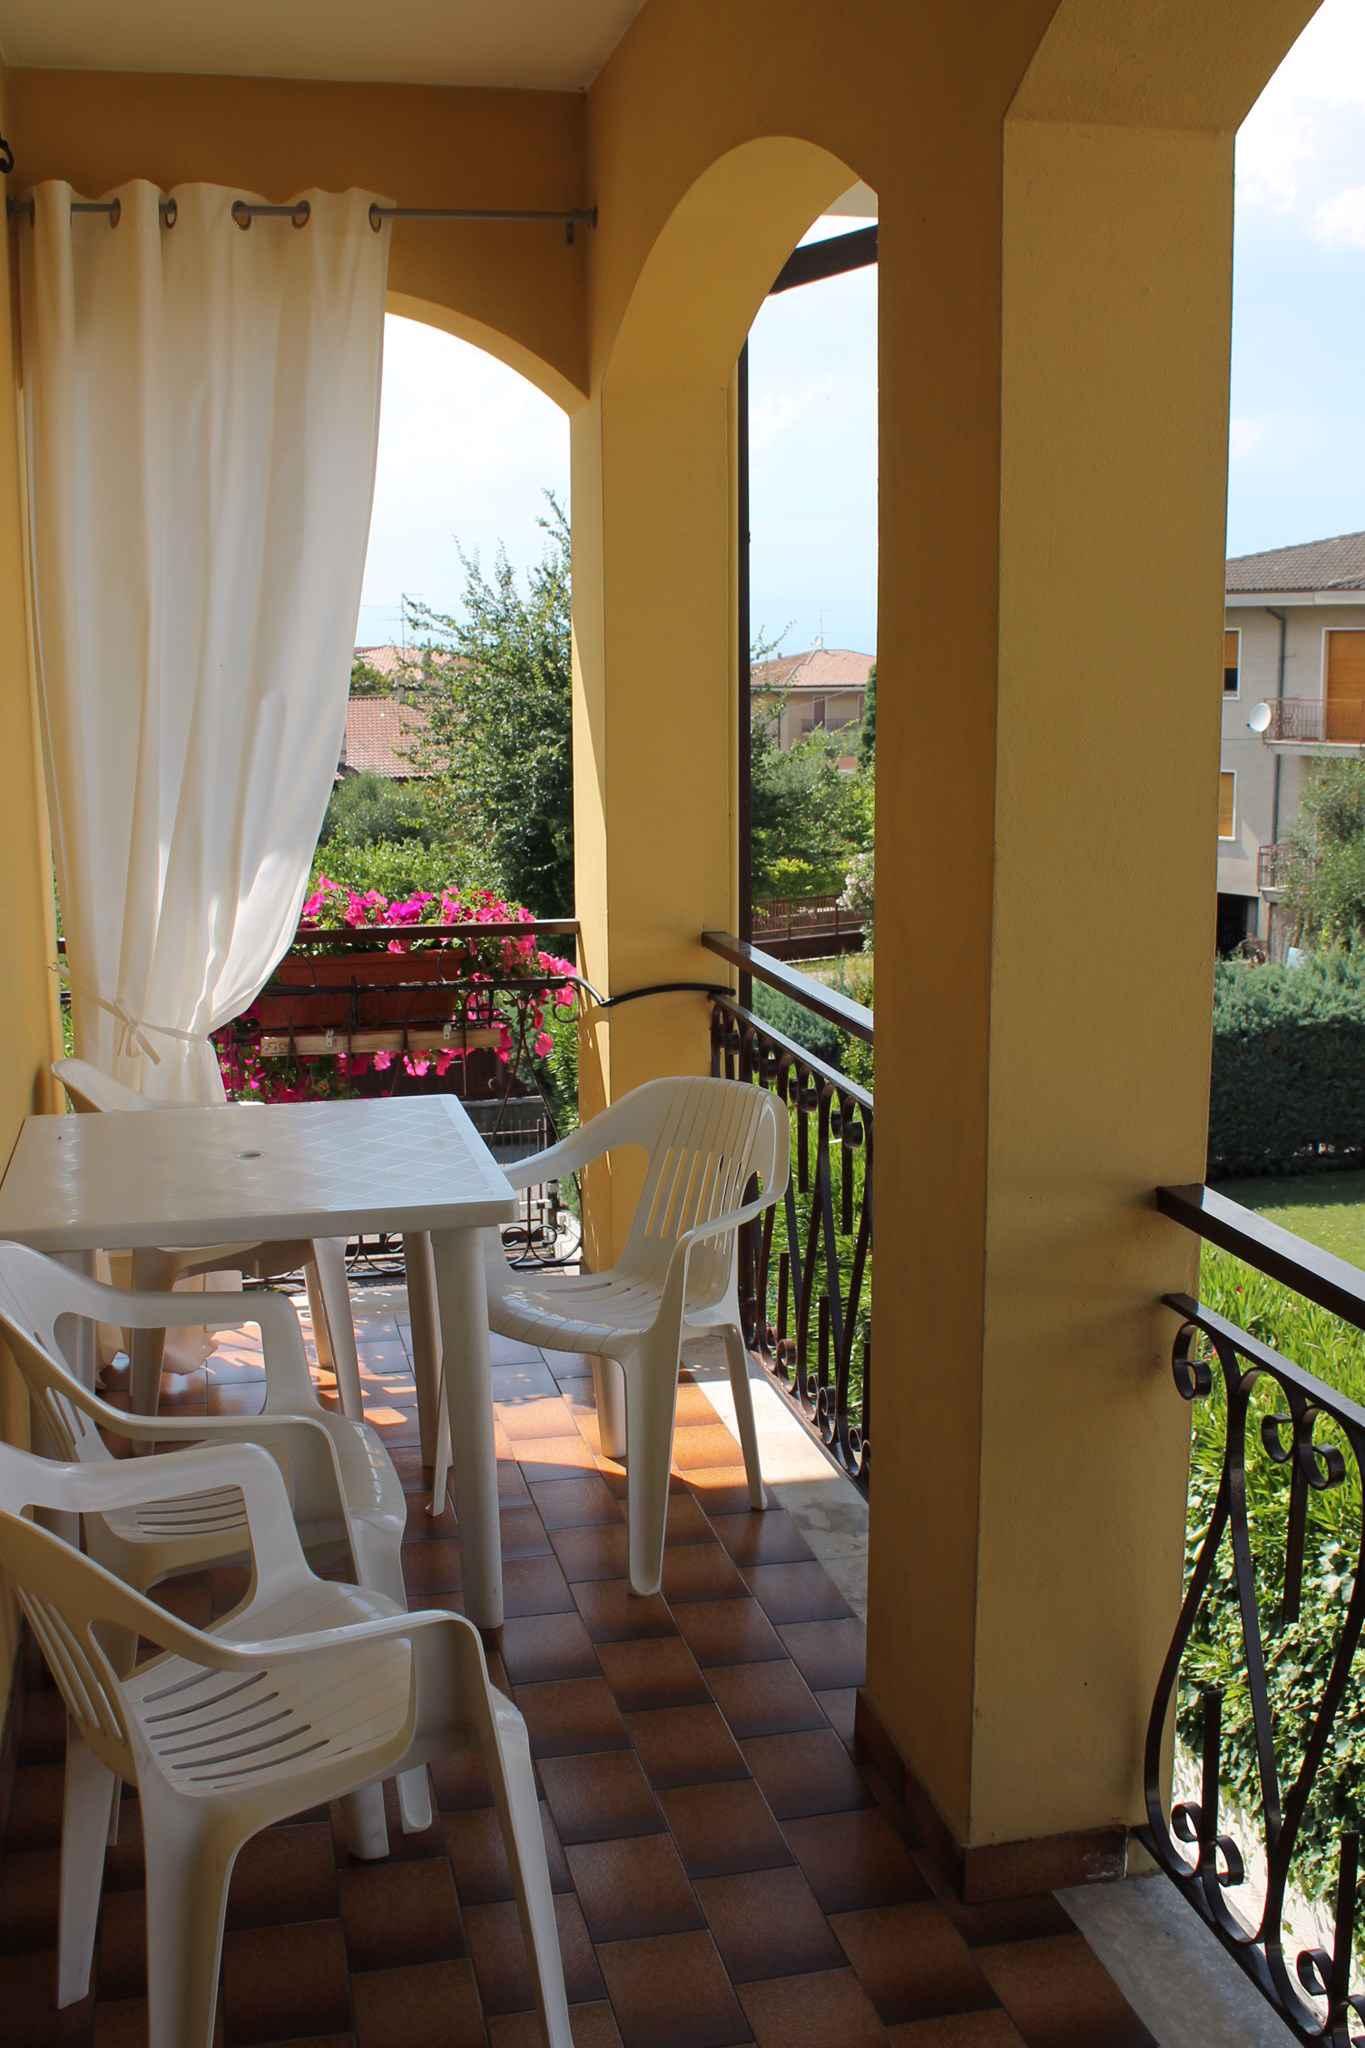 Ferienwohnung con piscina (279614), Lazise, Gardasee, Venetien, Italien, Bild 3